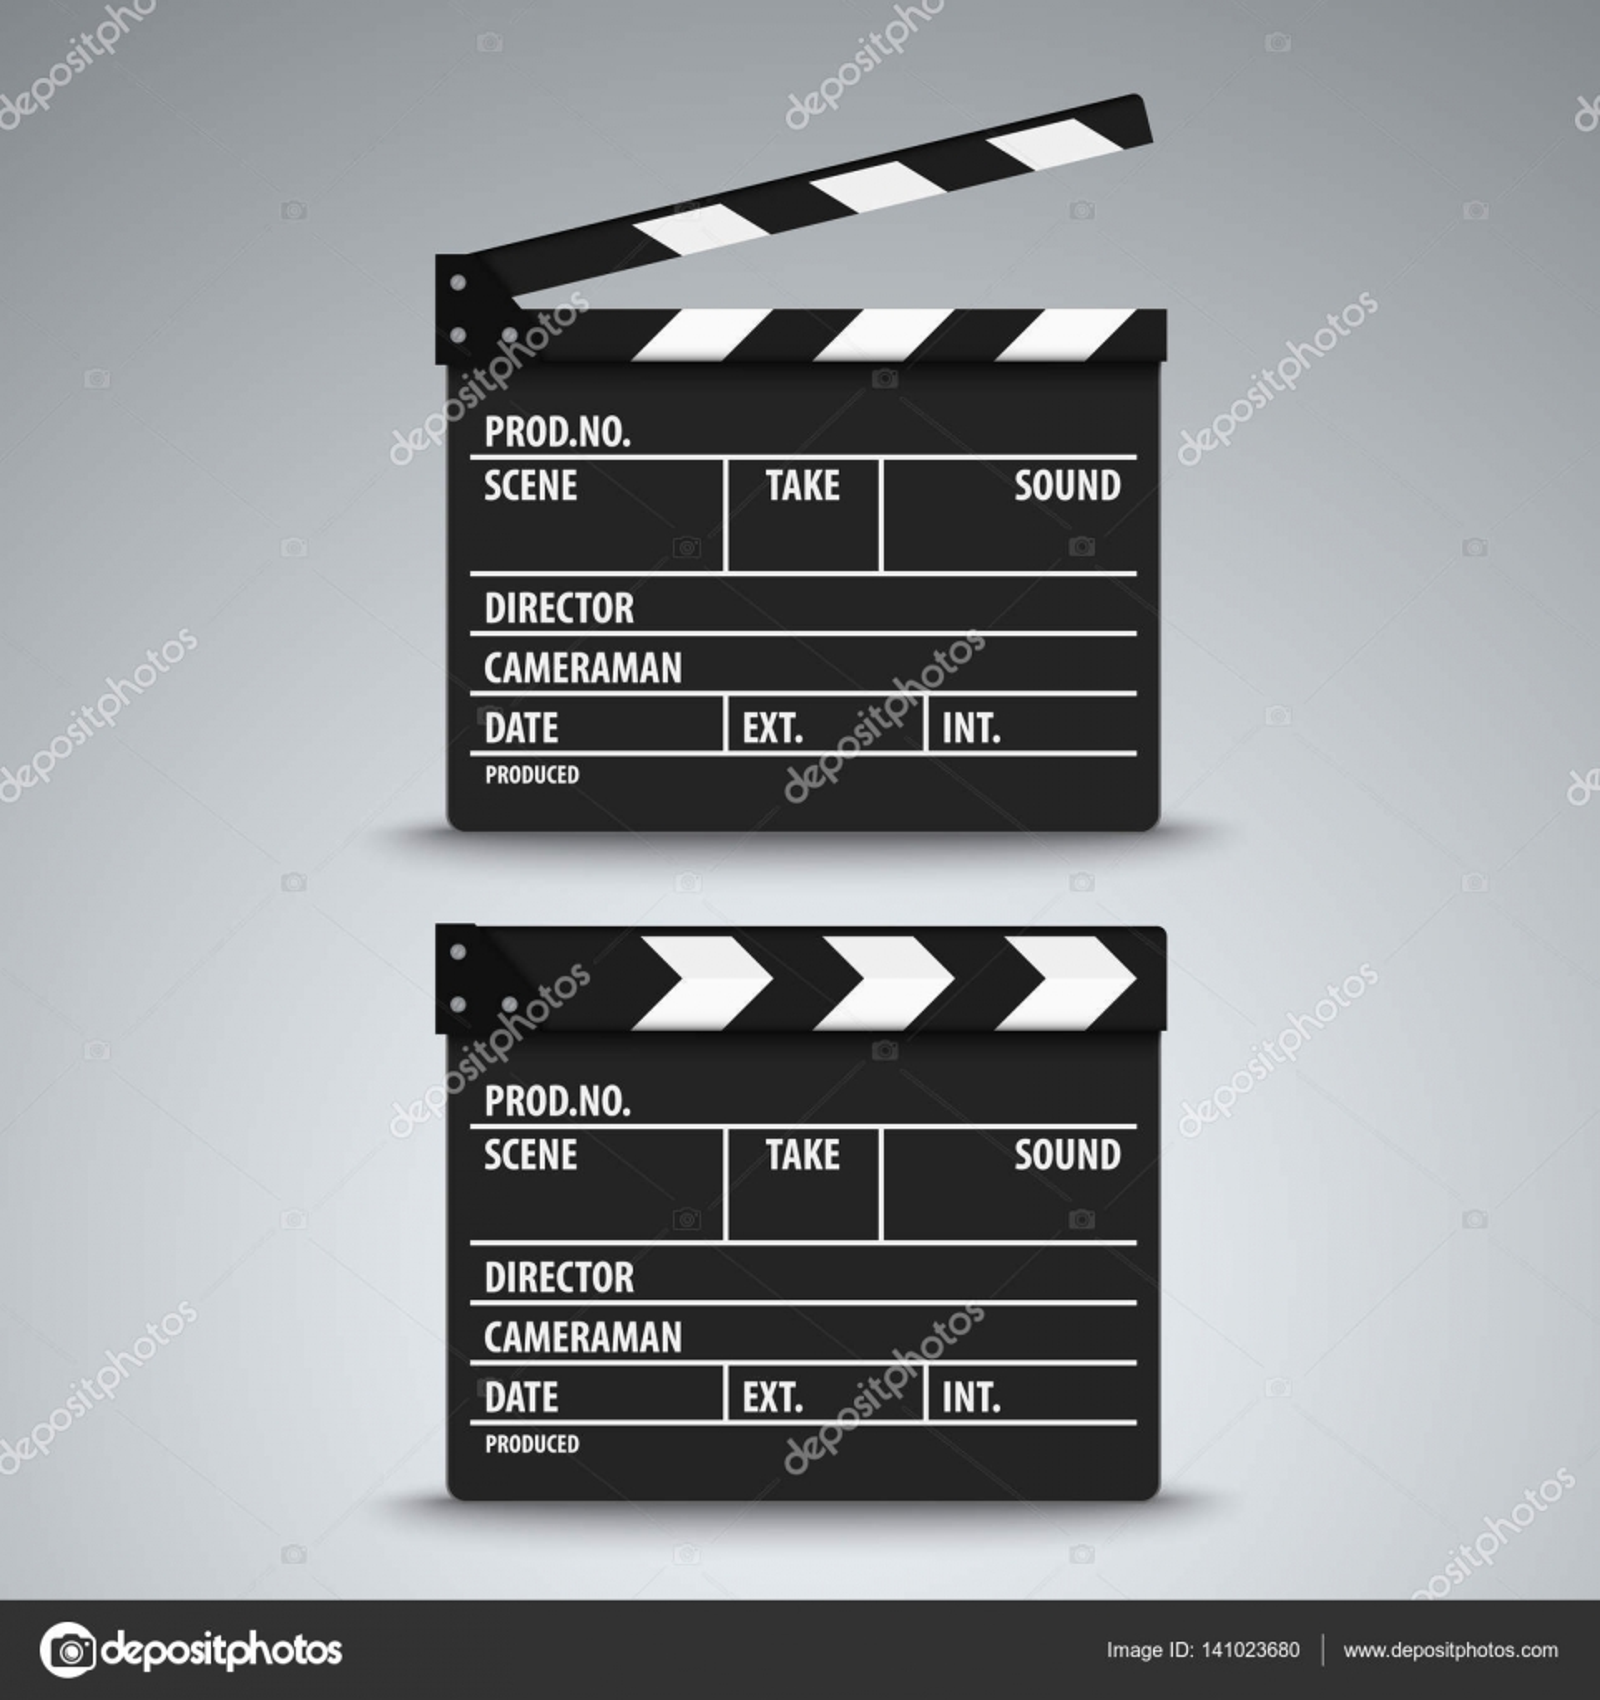 Offener und geschlossener Film Klappe Vorlage — Stockvektor ...